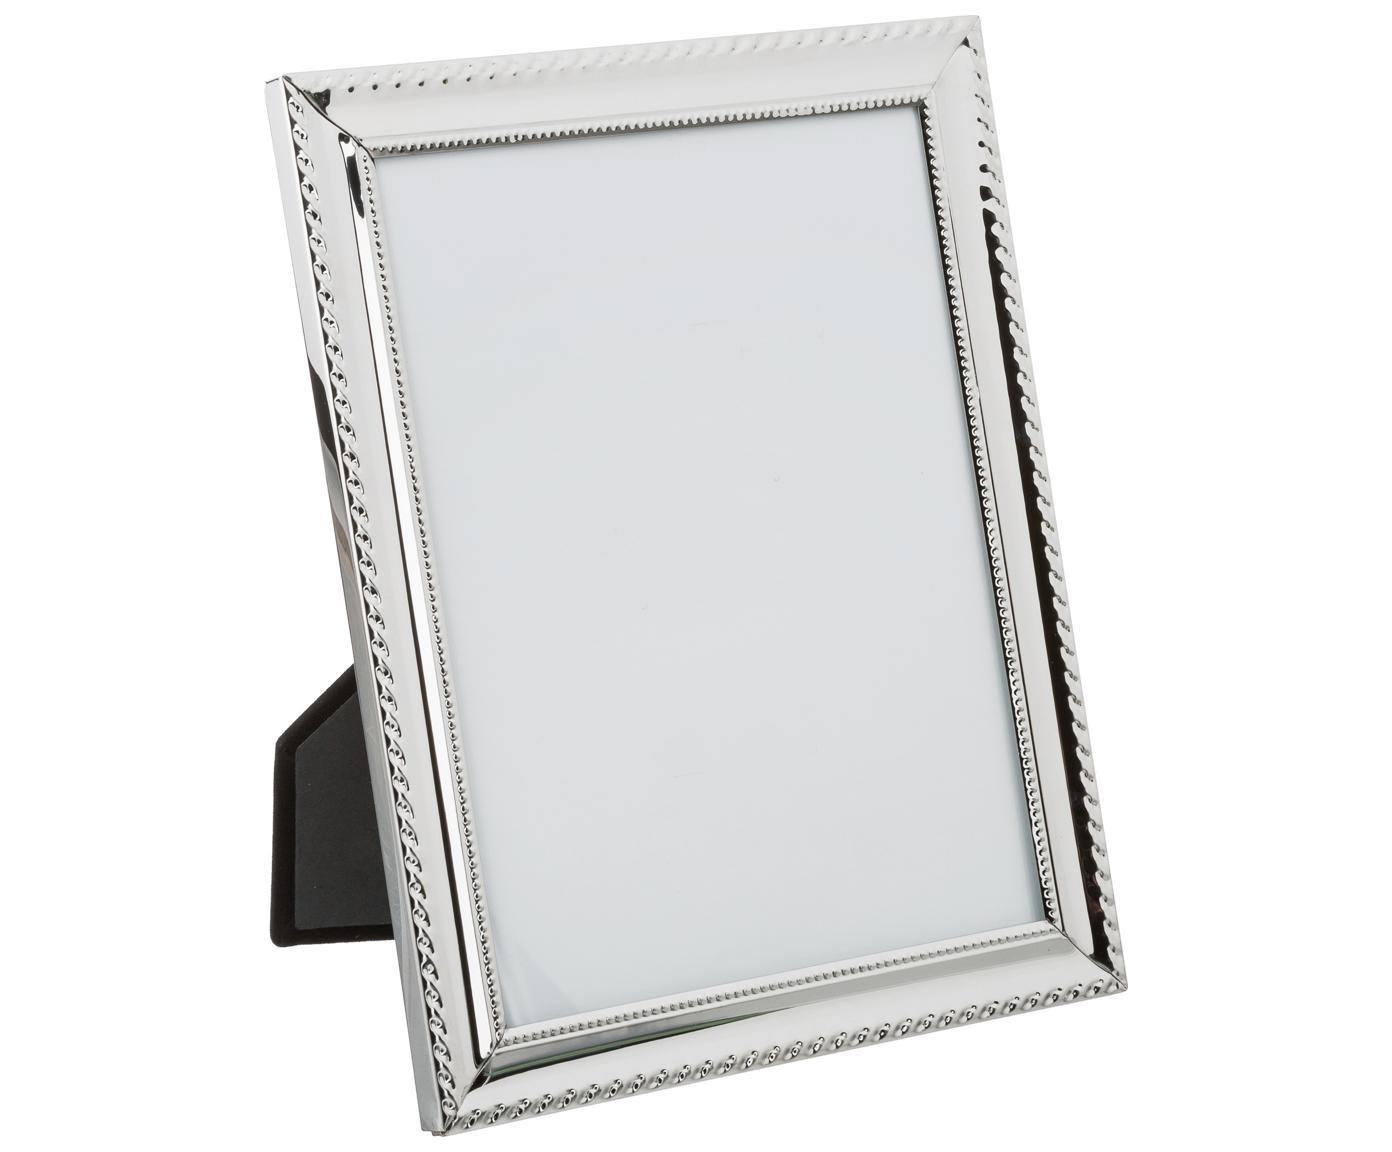 Cornice Julie, Cornice: metallo, Argentato, trasparente, 15 x 20 cm